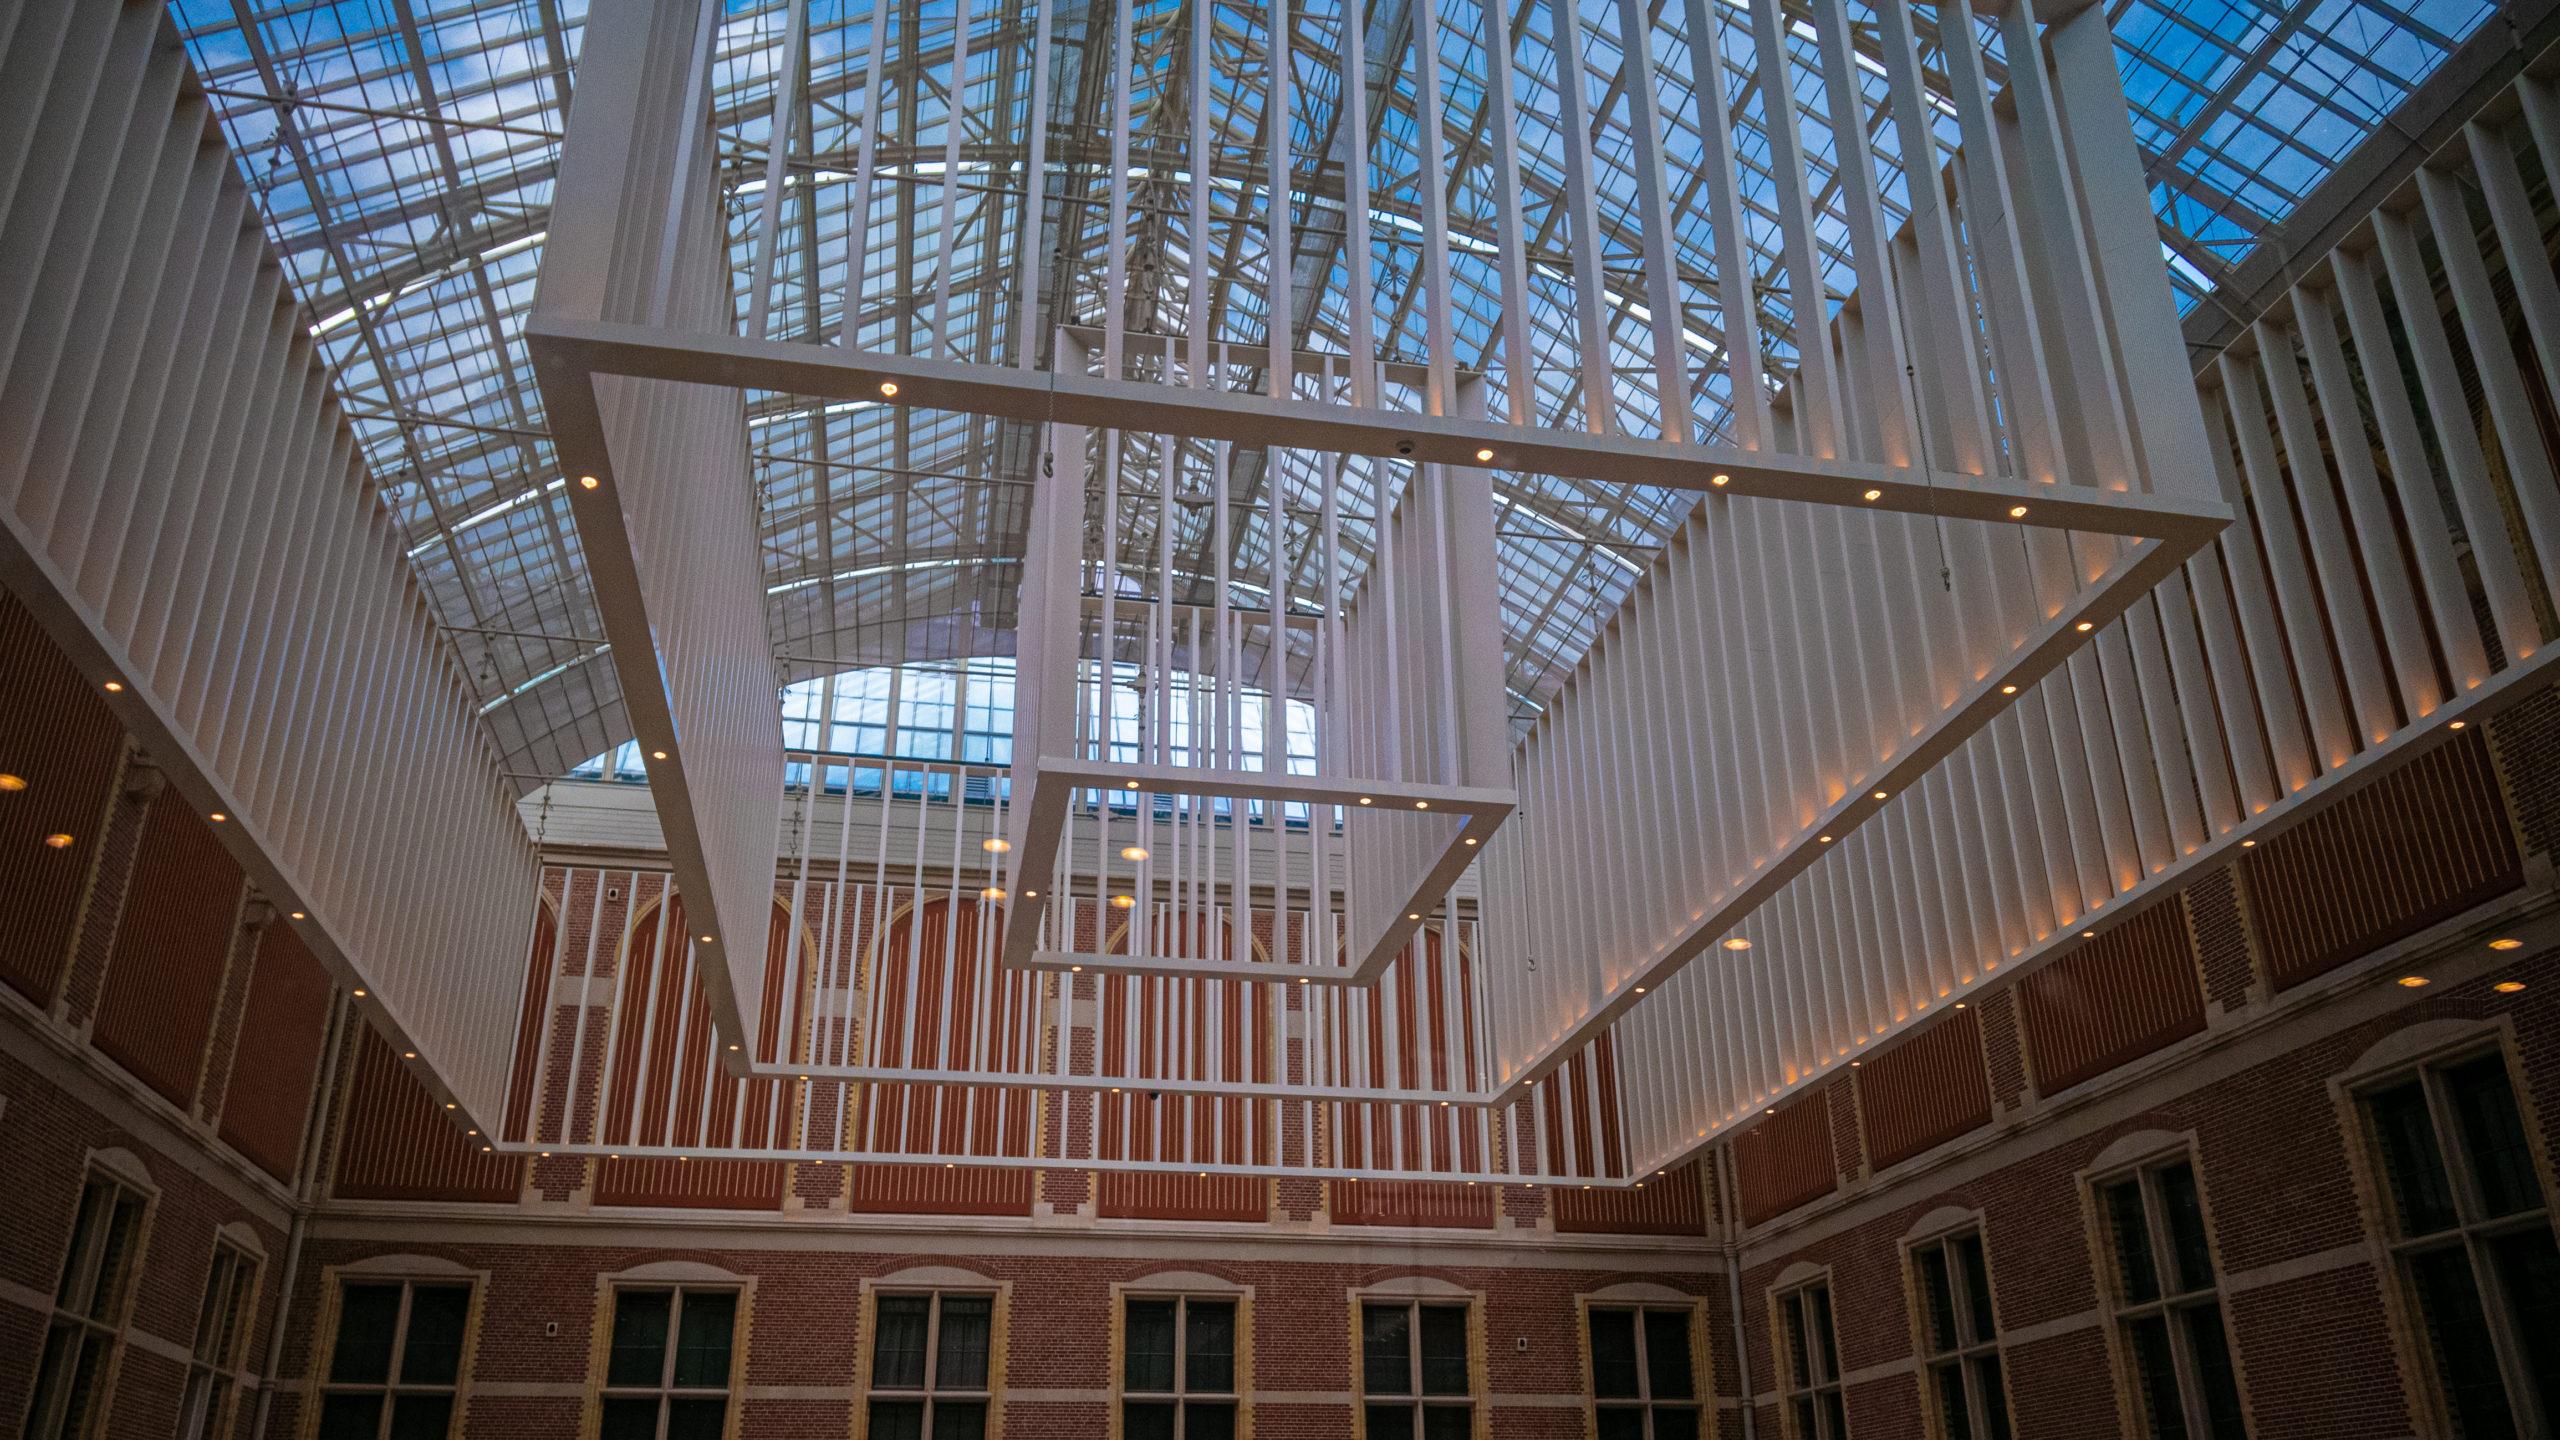 Plafond du hall du Rijskmuseum